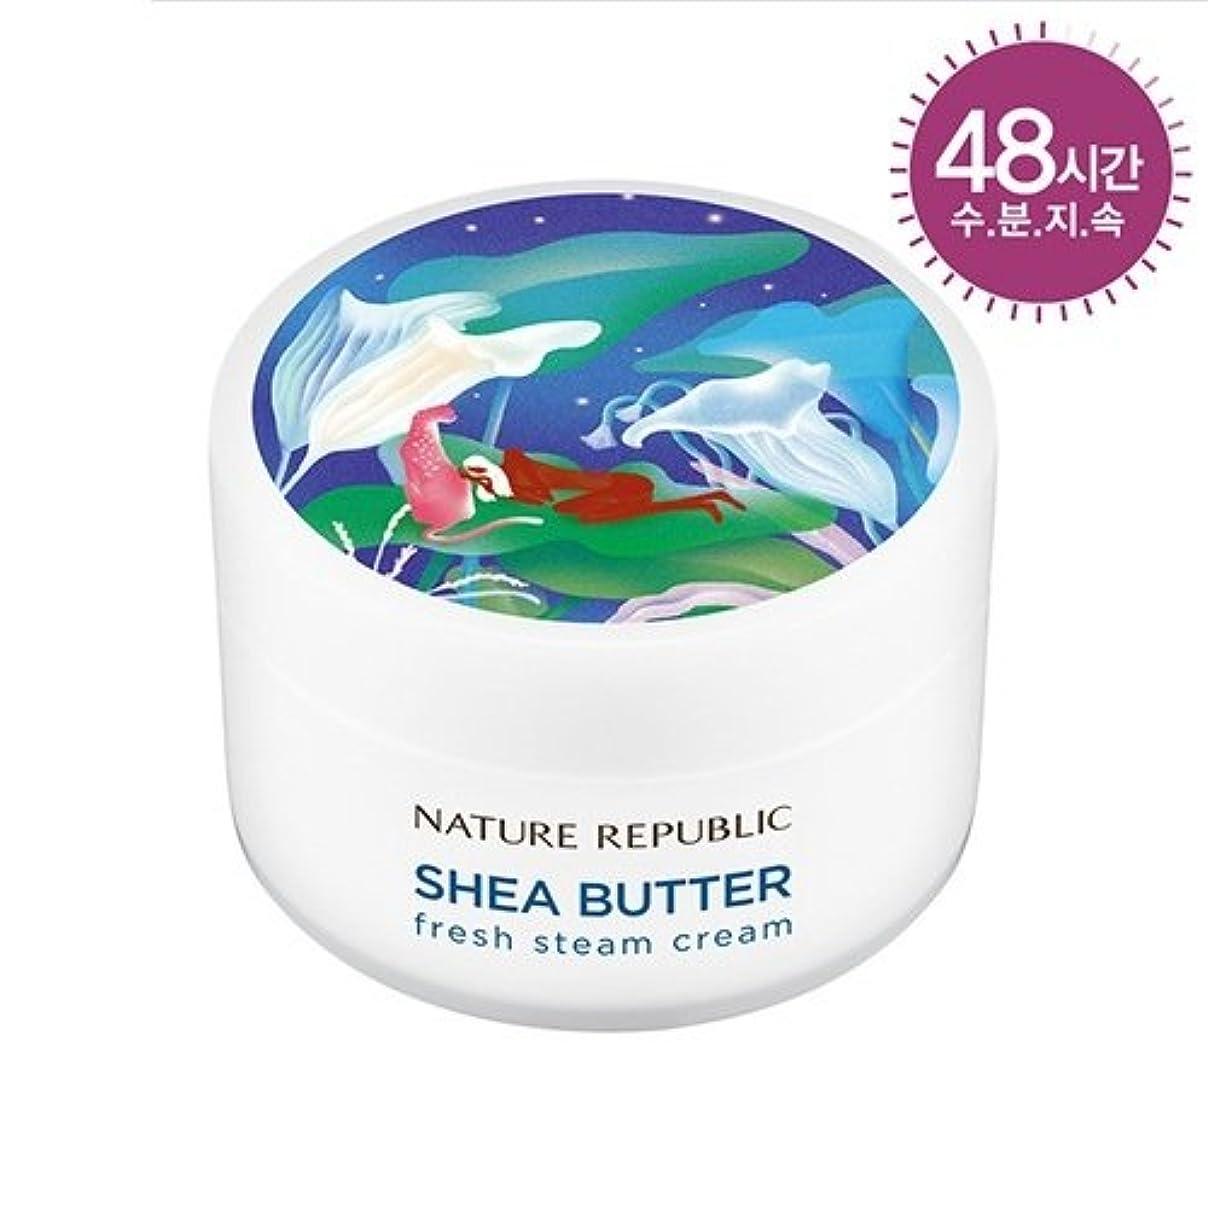 平和トークンローラーNATURE REPUBLIC(ネイチャーリパブリック) SHEA BUTTER STEAM CREAM シアバター スチーム クリーム #フレッシュスオイリー肌